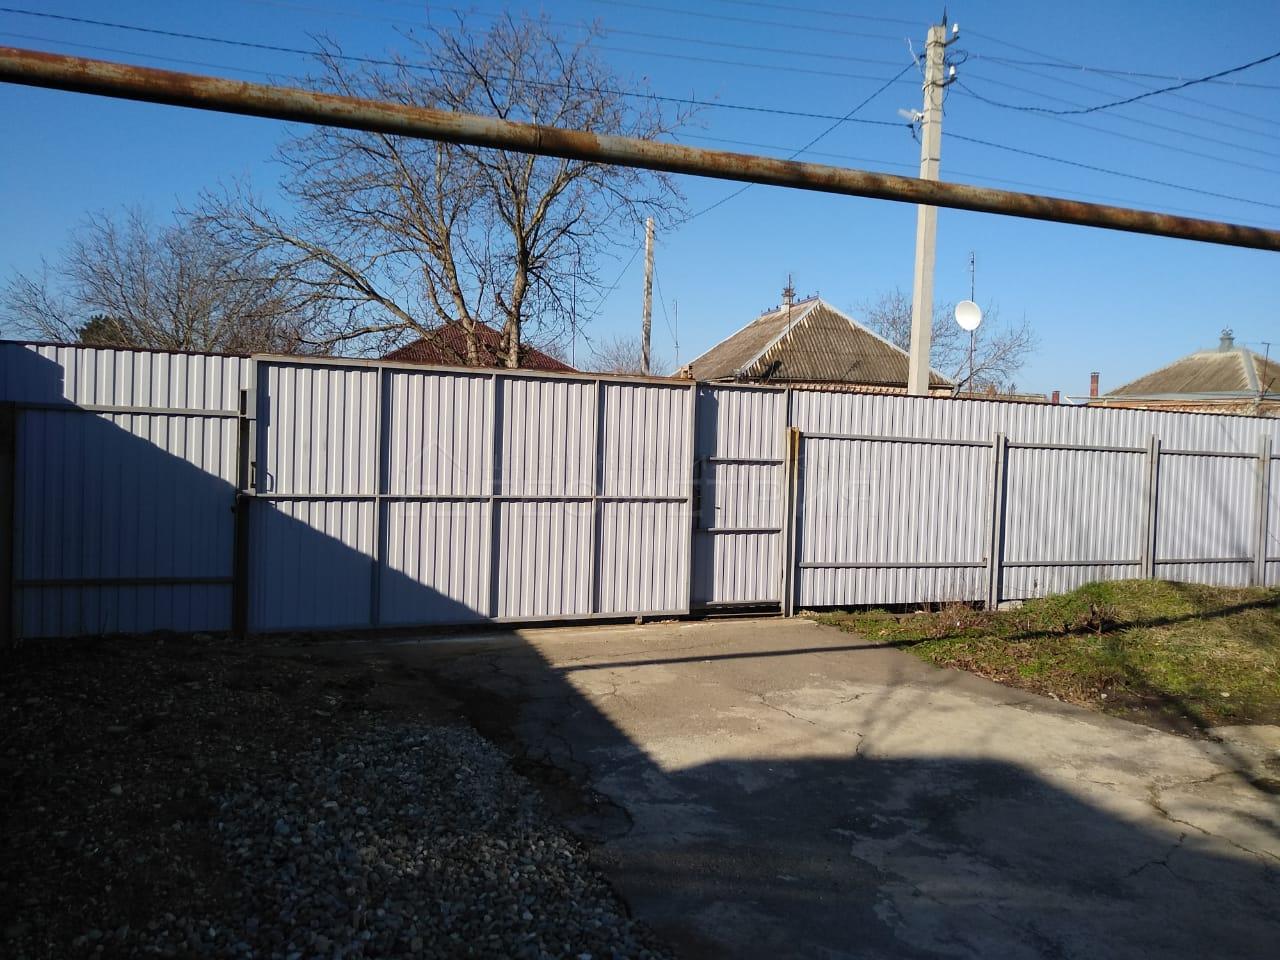 Продам дом по адресу Россия, Краснодарский край, Динской район, Новотитаровская фото 8 по выгодной цене